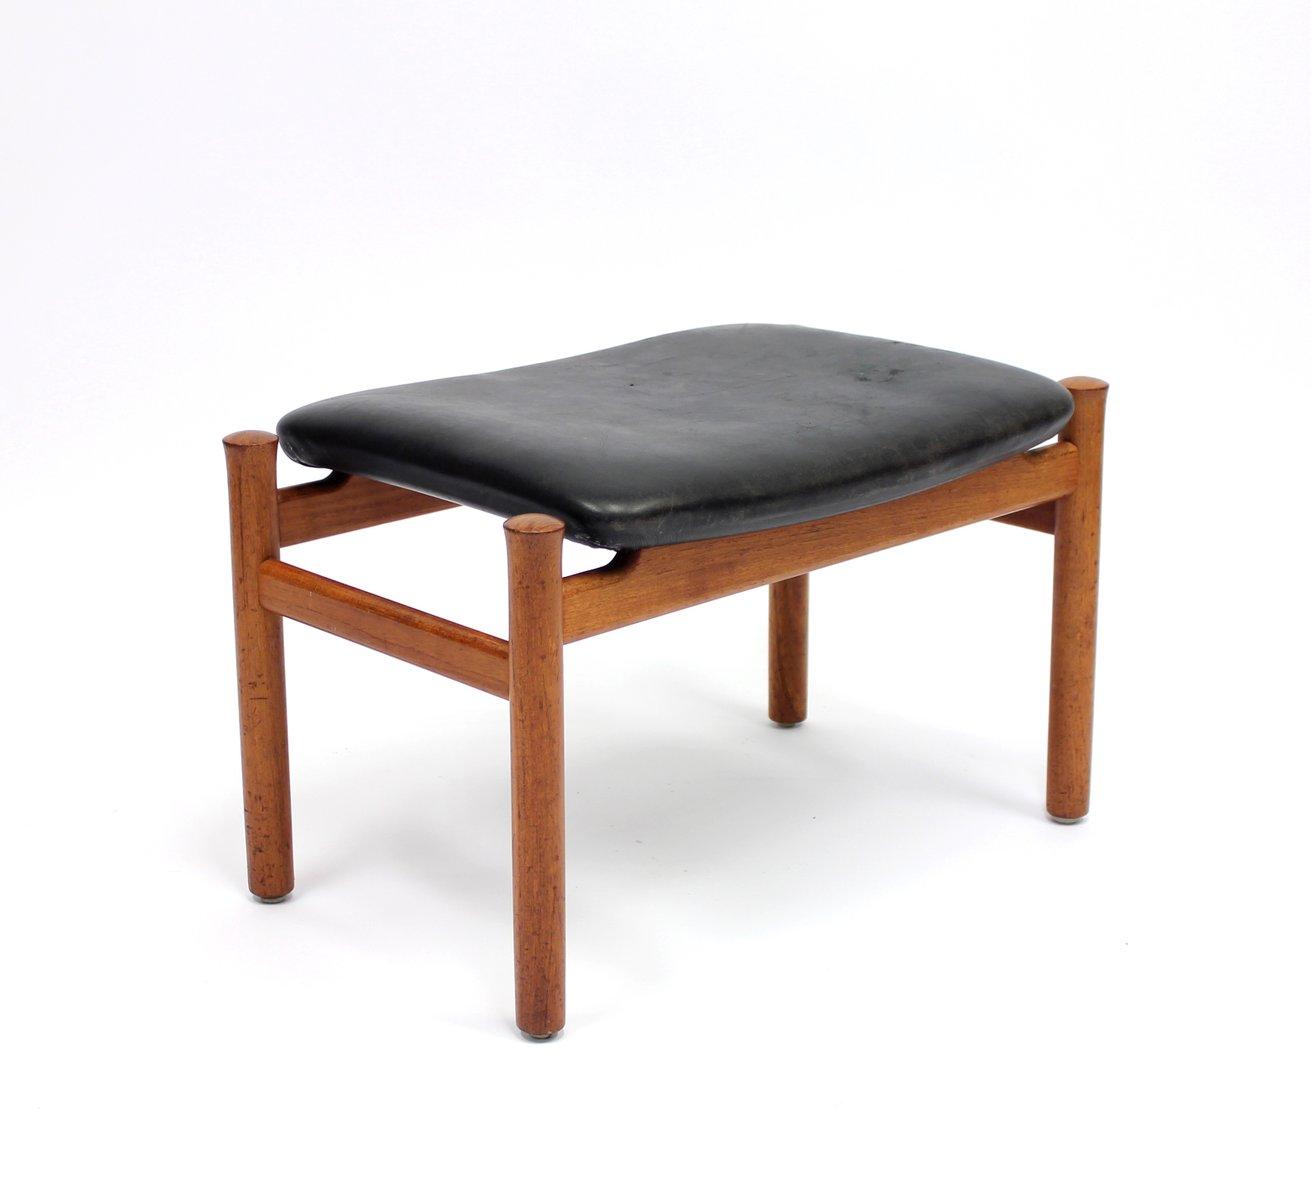 d nischer hocker von s ren hansen f r fritz hansen 1964 bei pamono kaufen. Black Bedroom Furniture Sets. Home Design Ideas